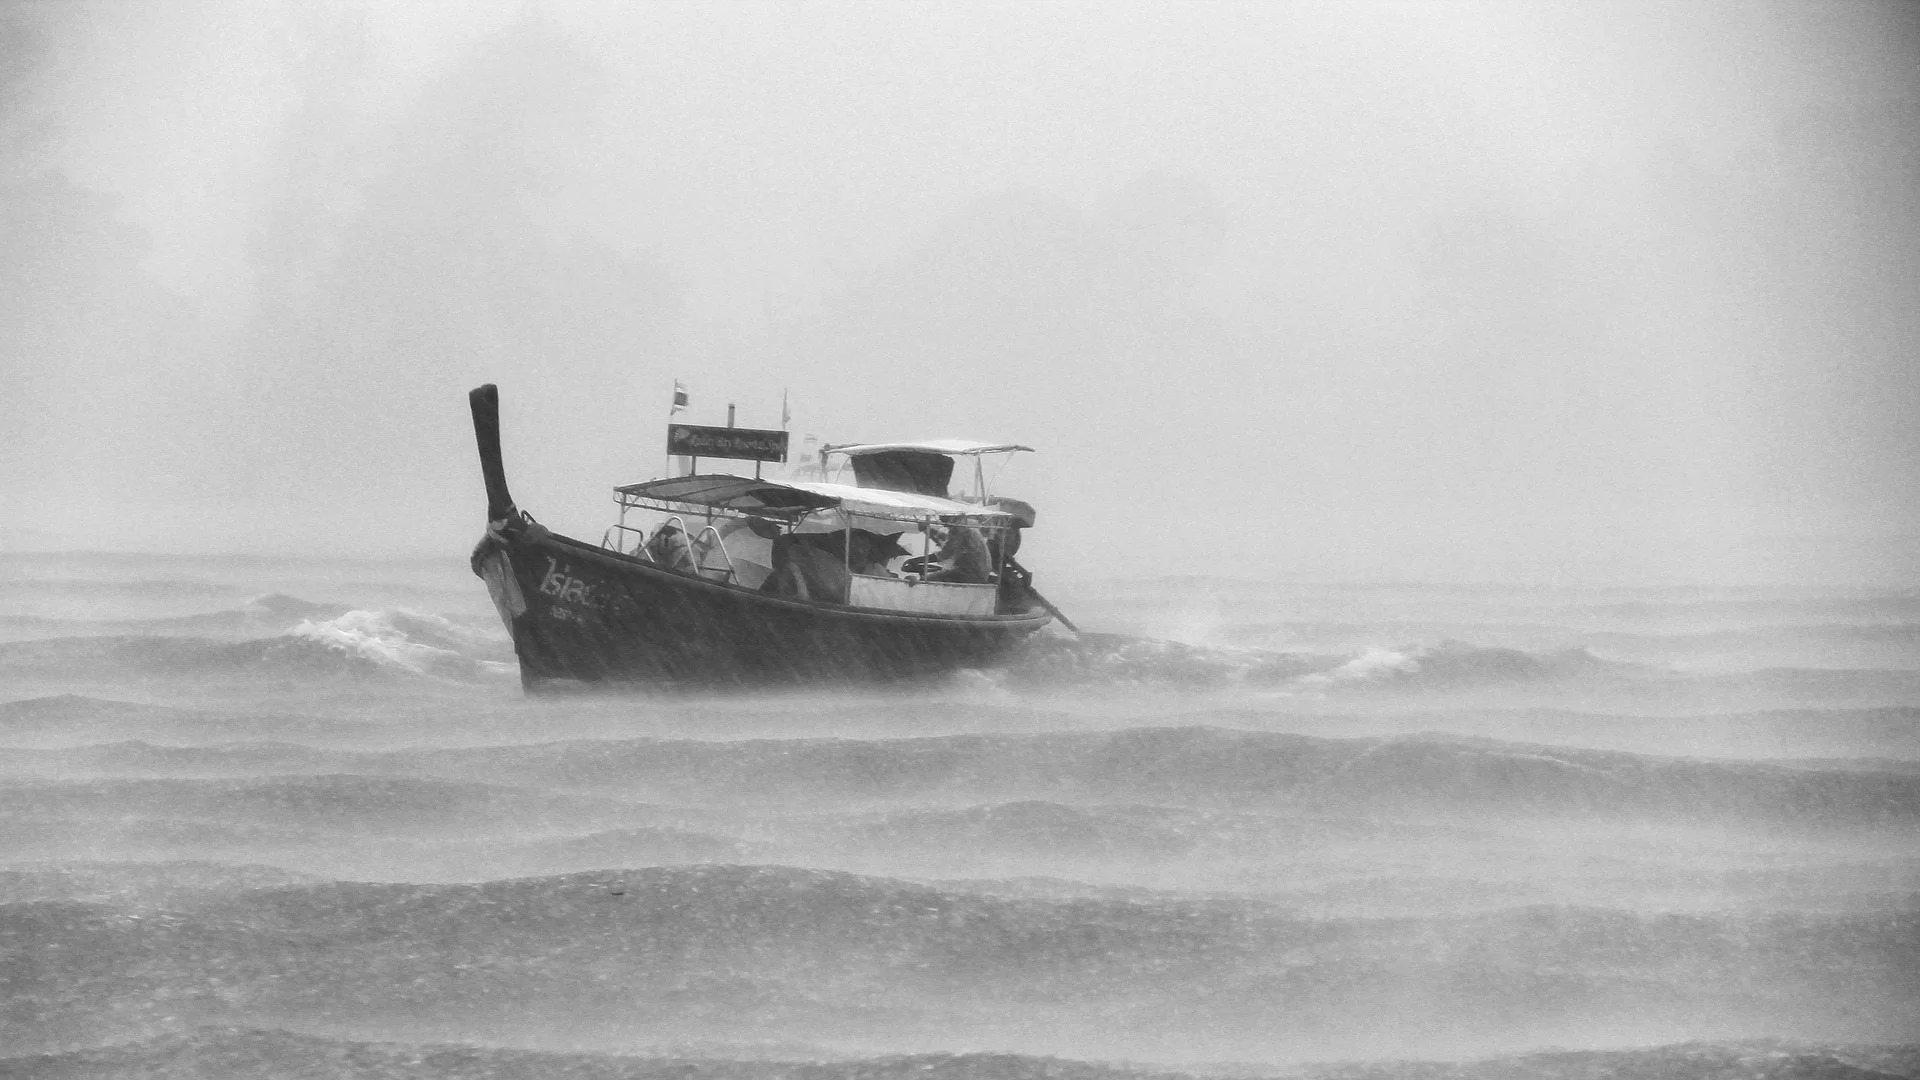 Codice della Navigazione e Diritto Penale: Quali sono i reati previsti dal Codice della Navigazione ?